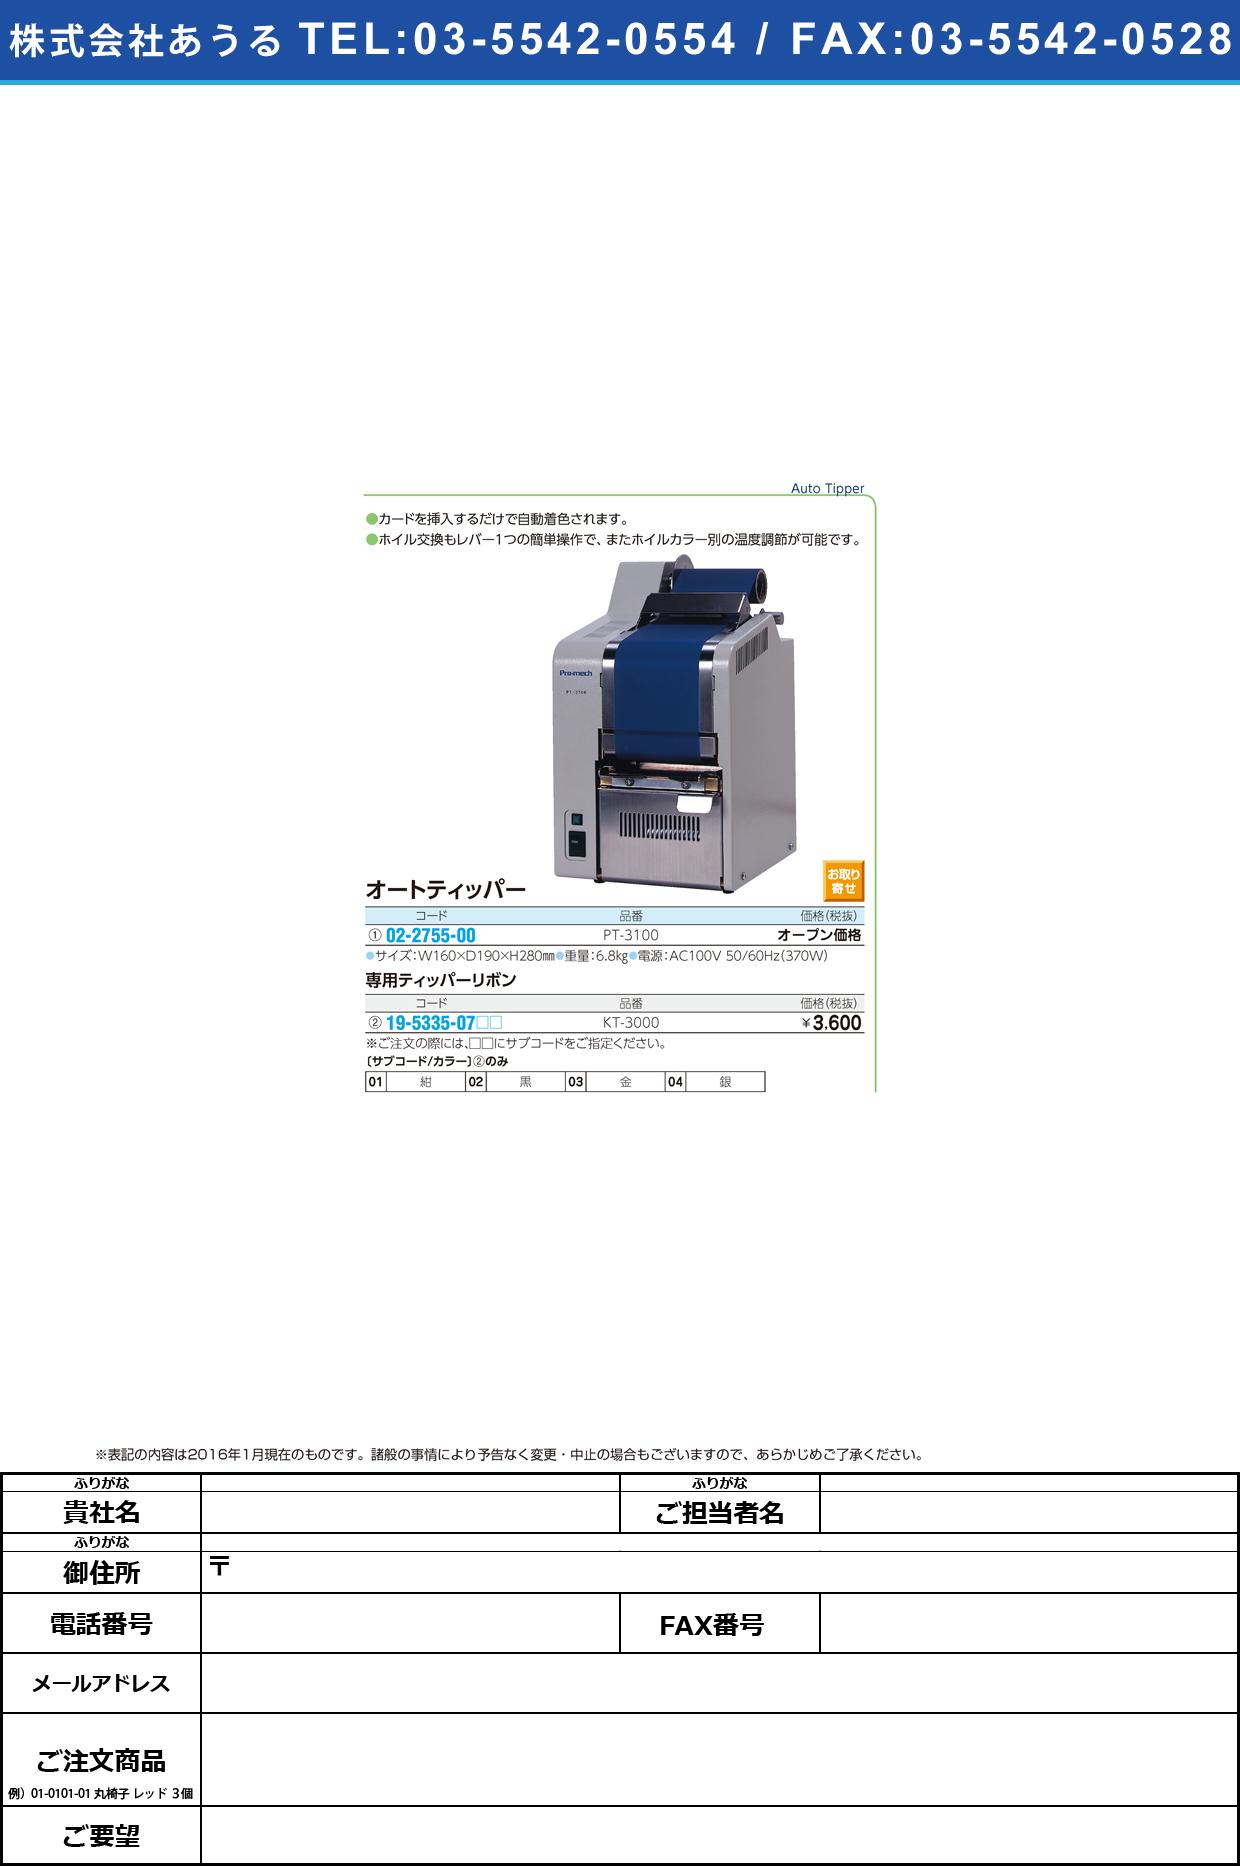 (02-2755-00)オートティッパー オートティッパー PT-3100【1台単位】【2016年カタログ商品】